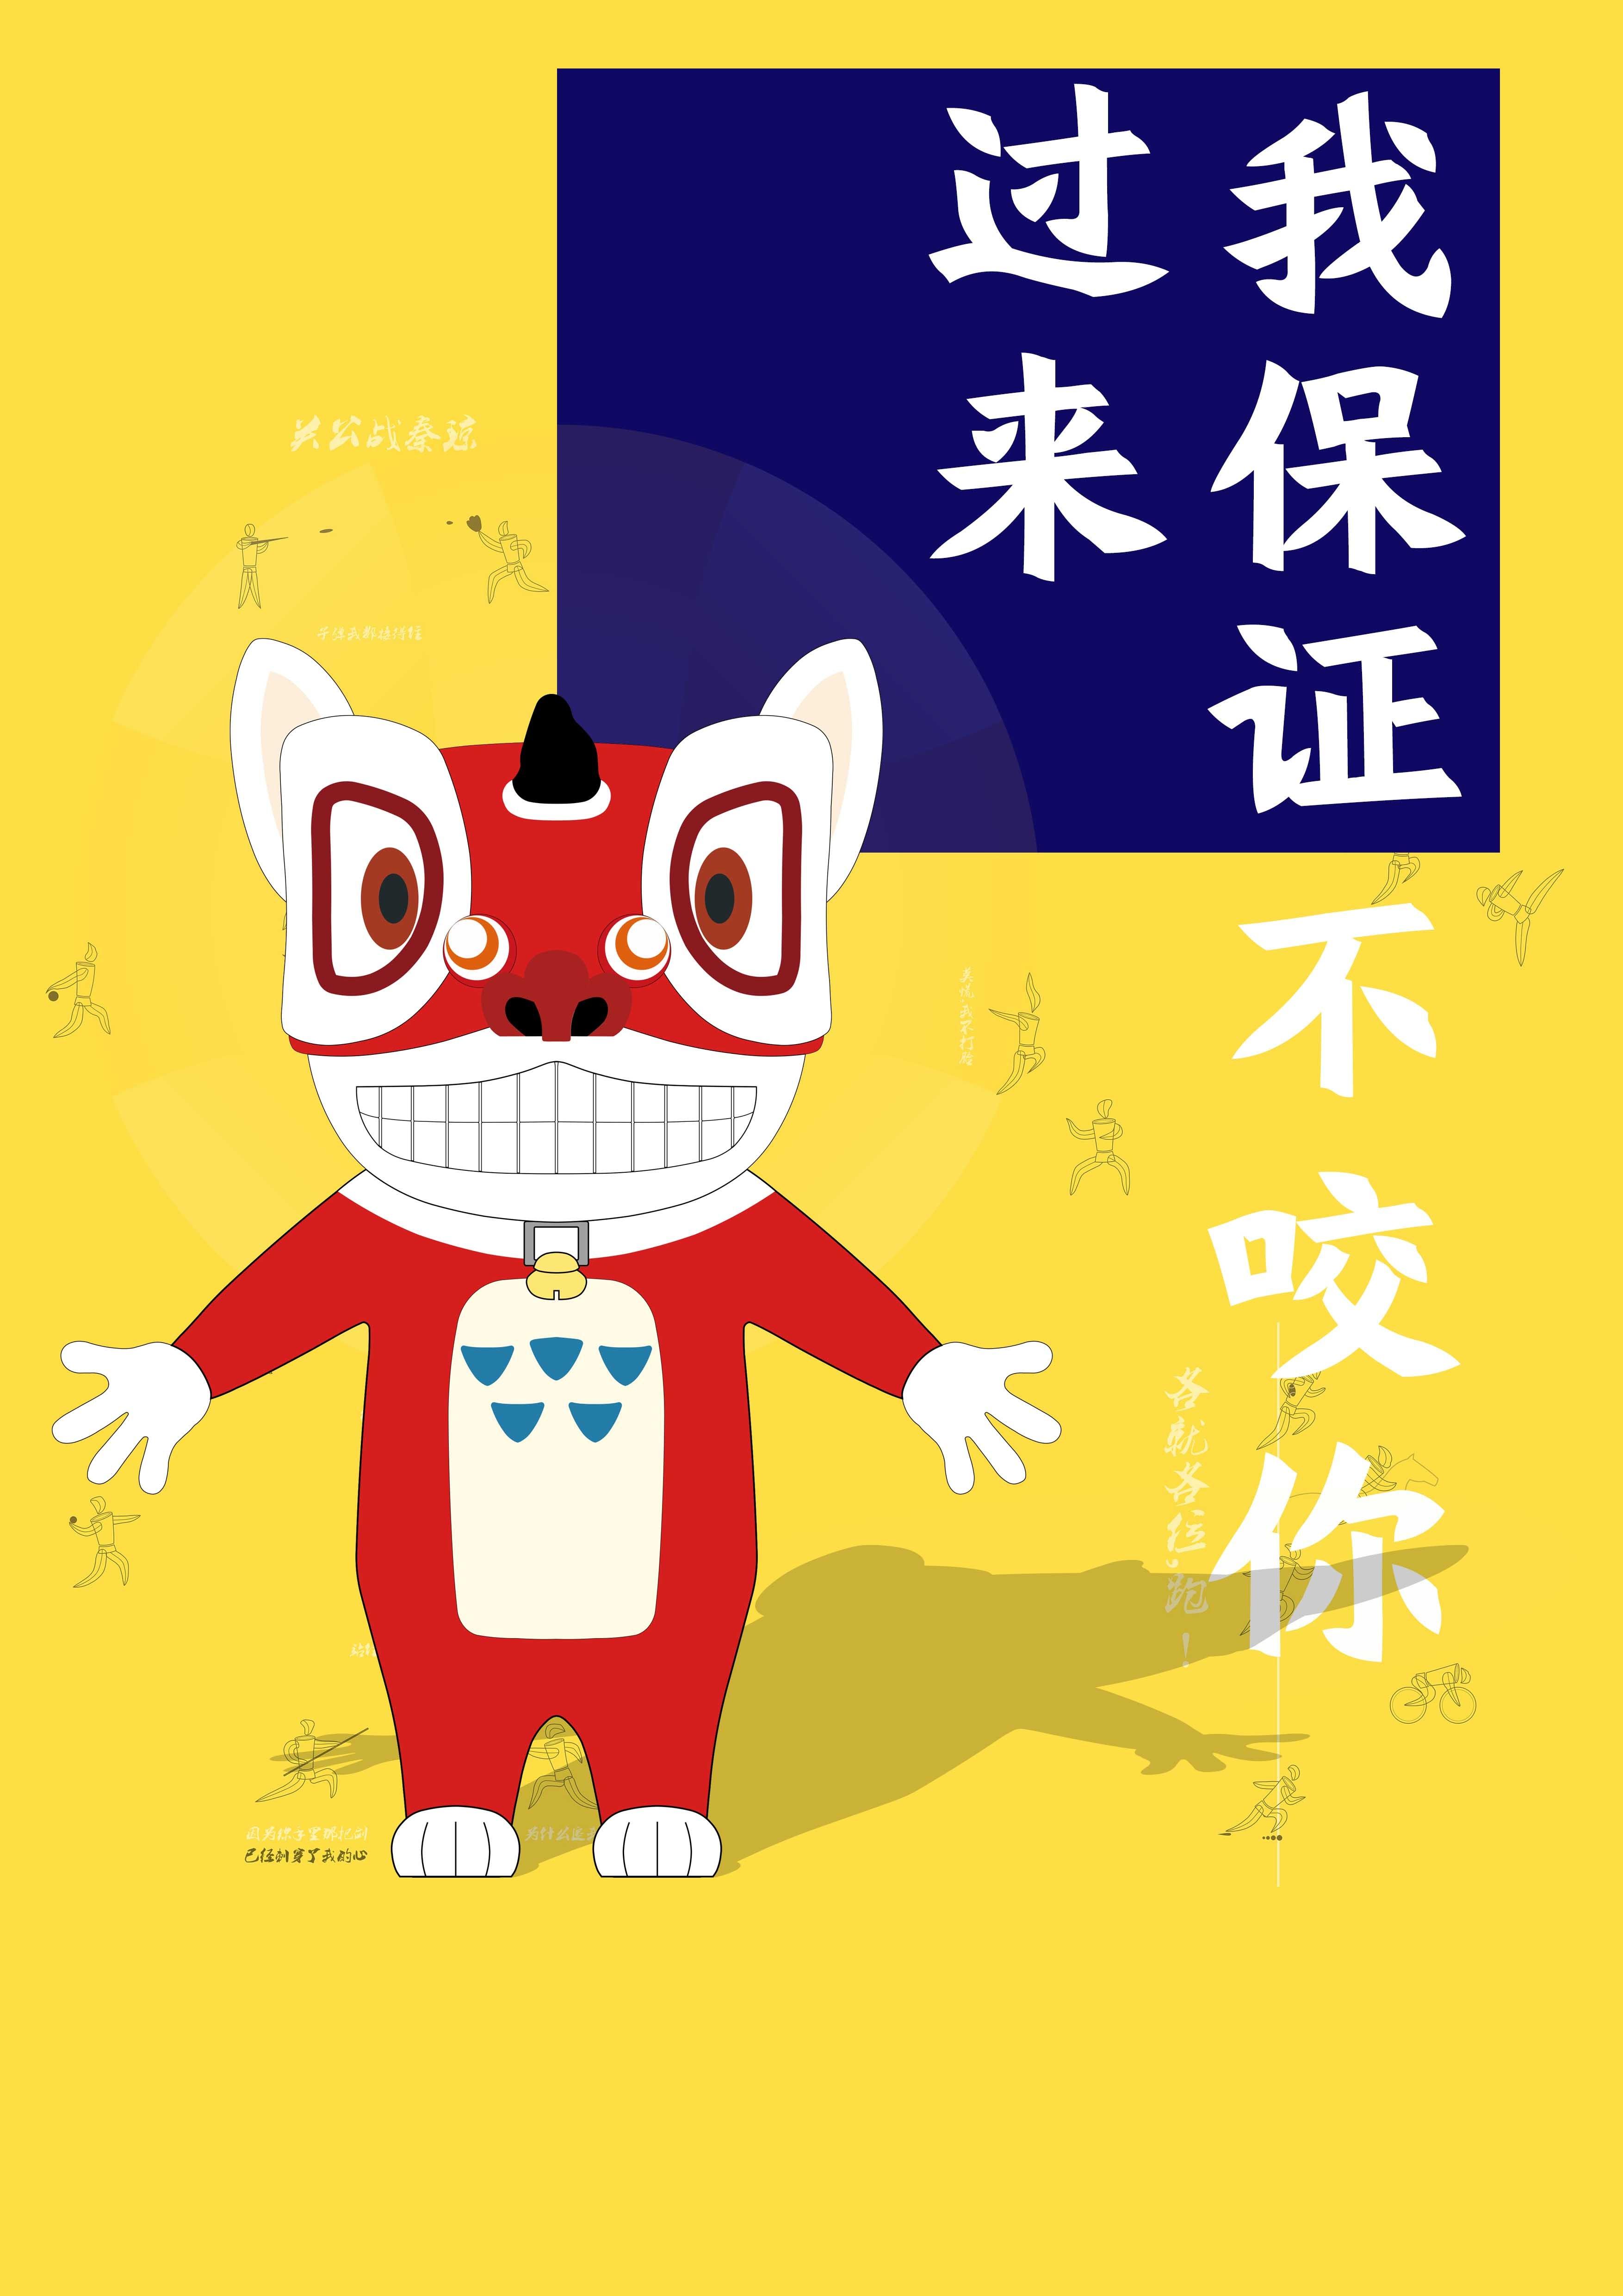 2022北京冬奥会吉祥物设计b图片